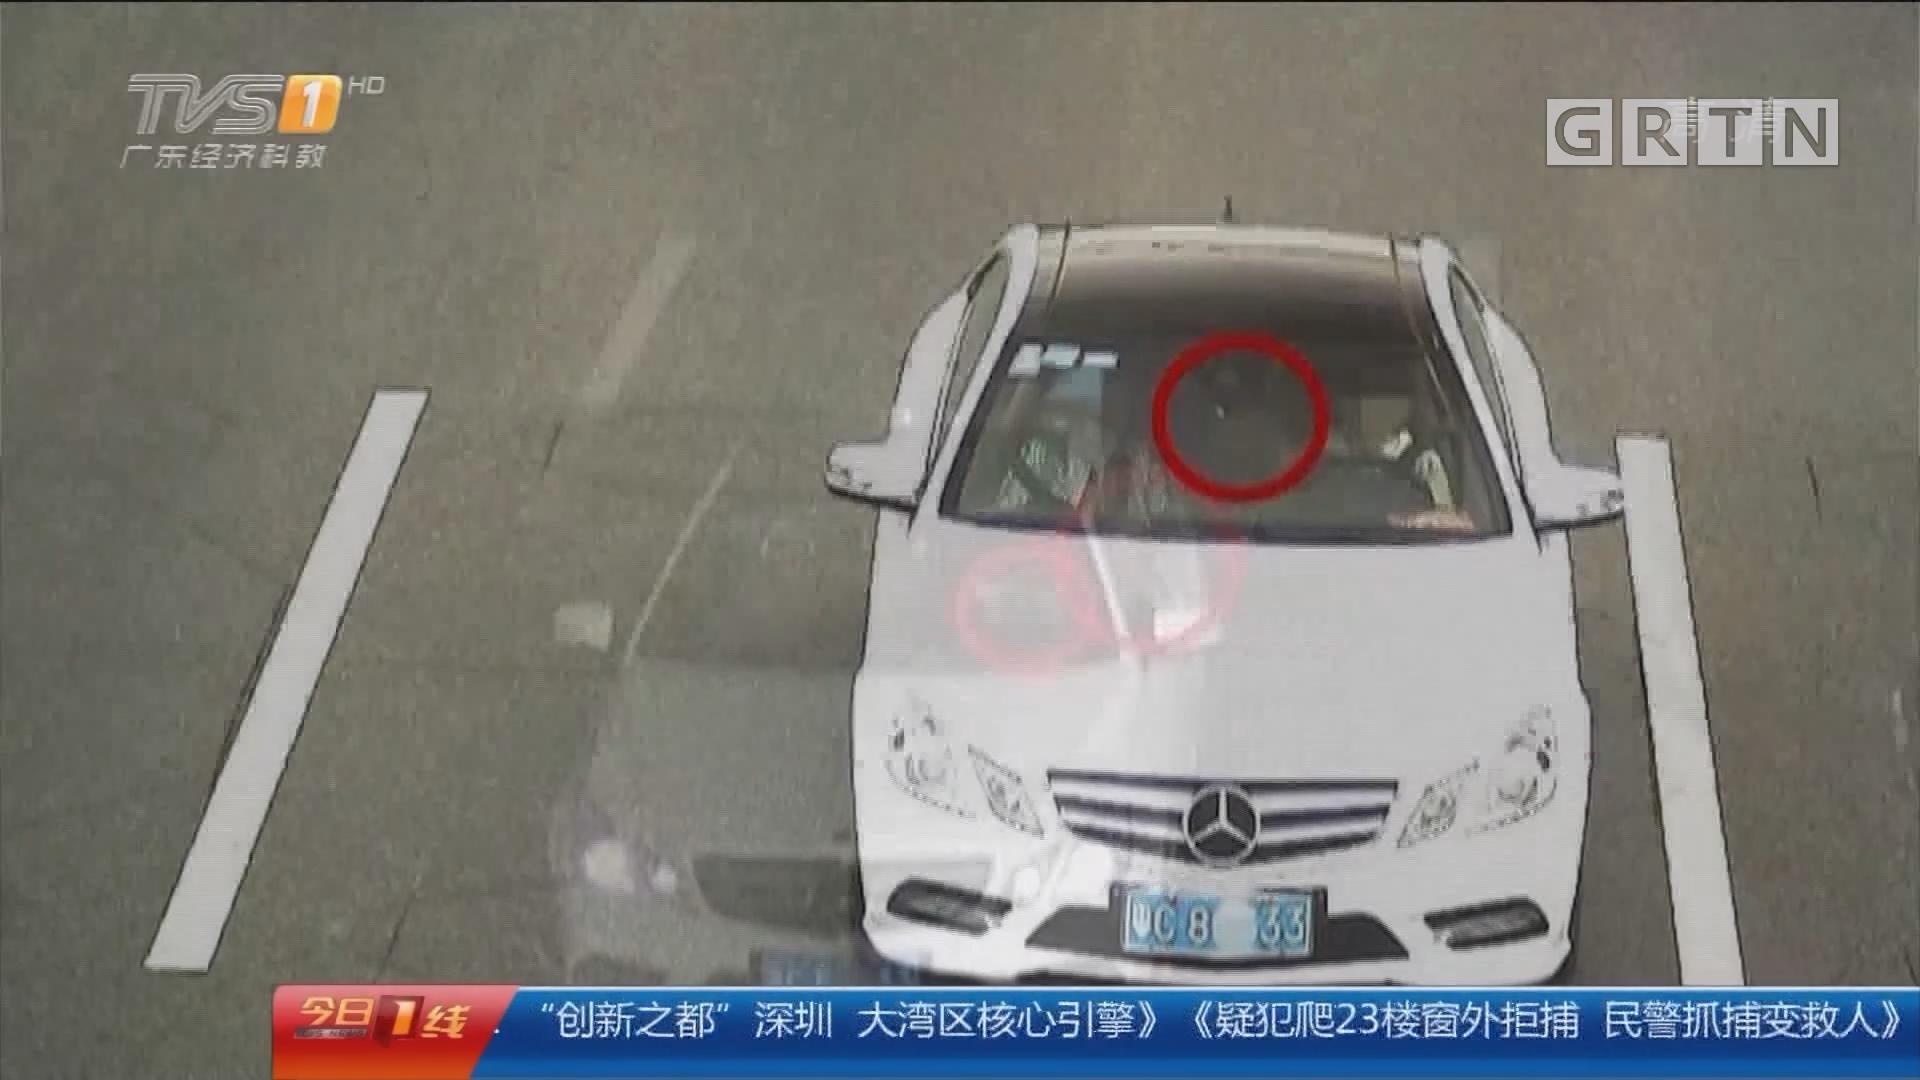 珠海:抱狗开车荒唐 女司机被拦停处罚